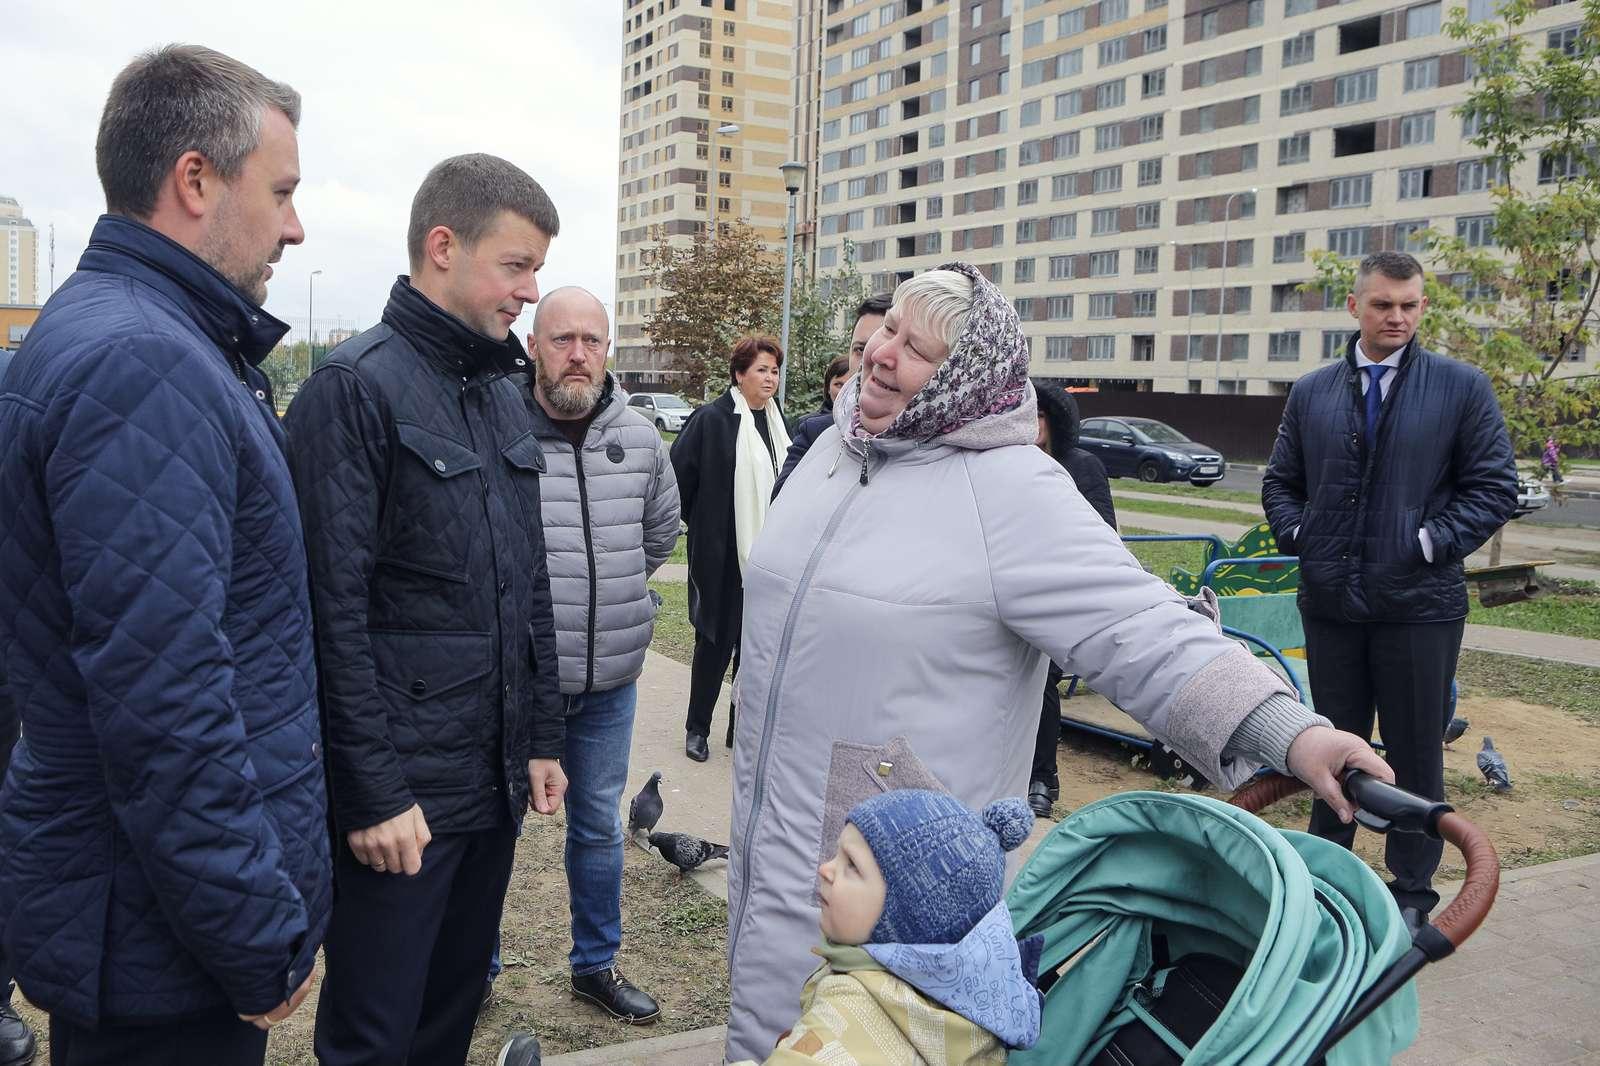 Пруд Коровка в Балашихе очистят и благоустроят к концу октября | Изображение 1